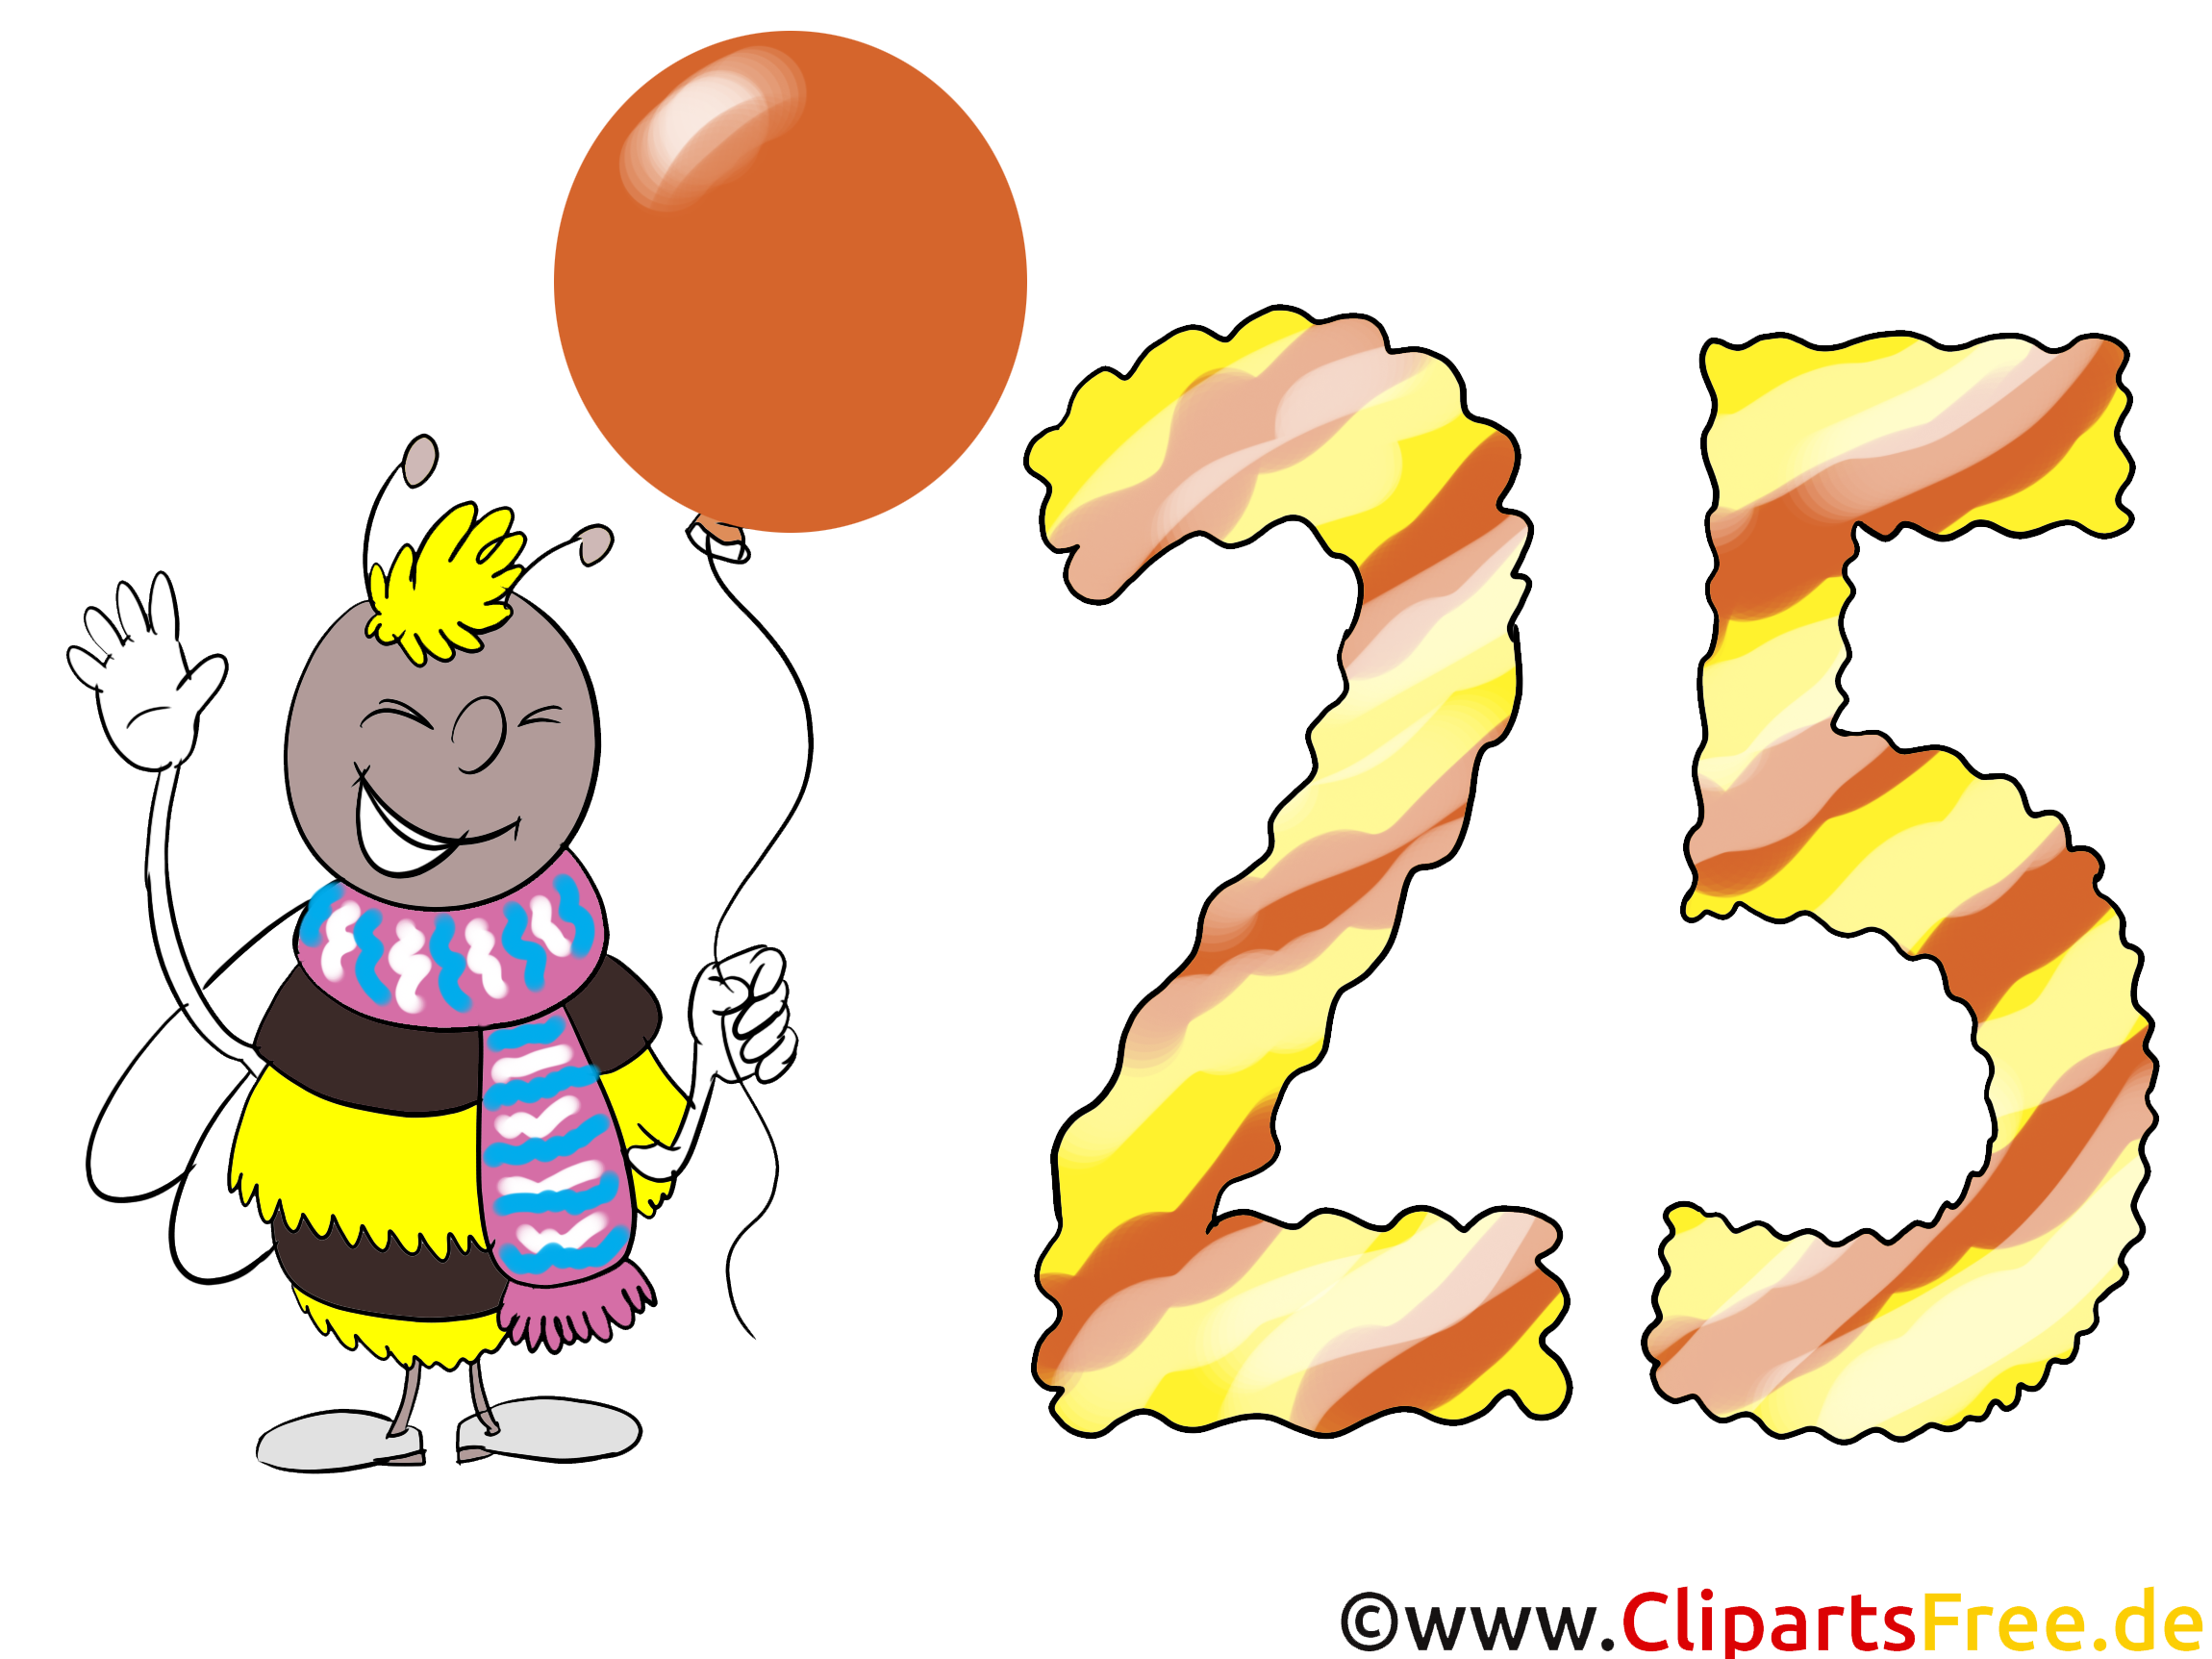 誕生日は、25誕生日を願います - カード、クリップアート、無料画像